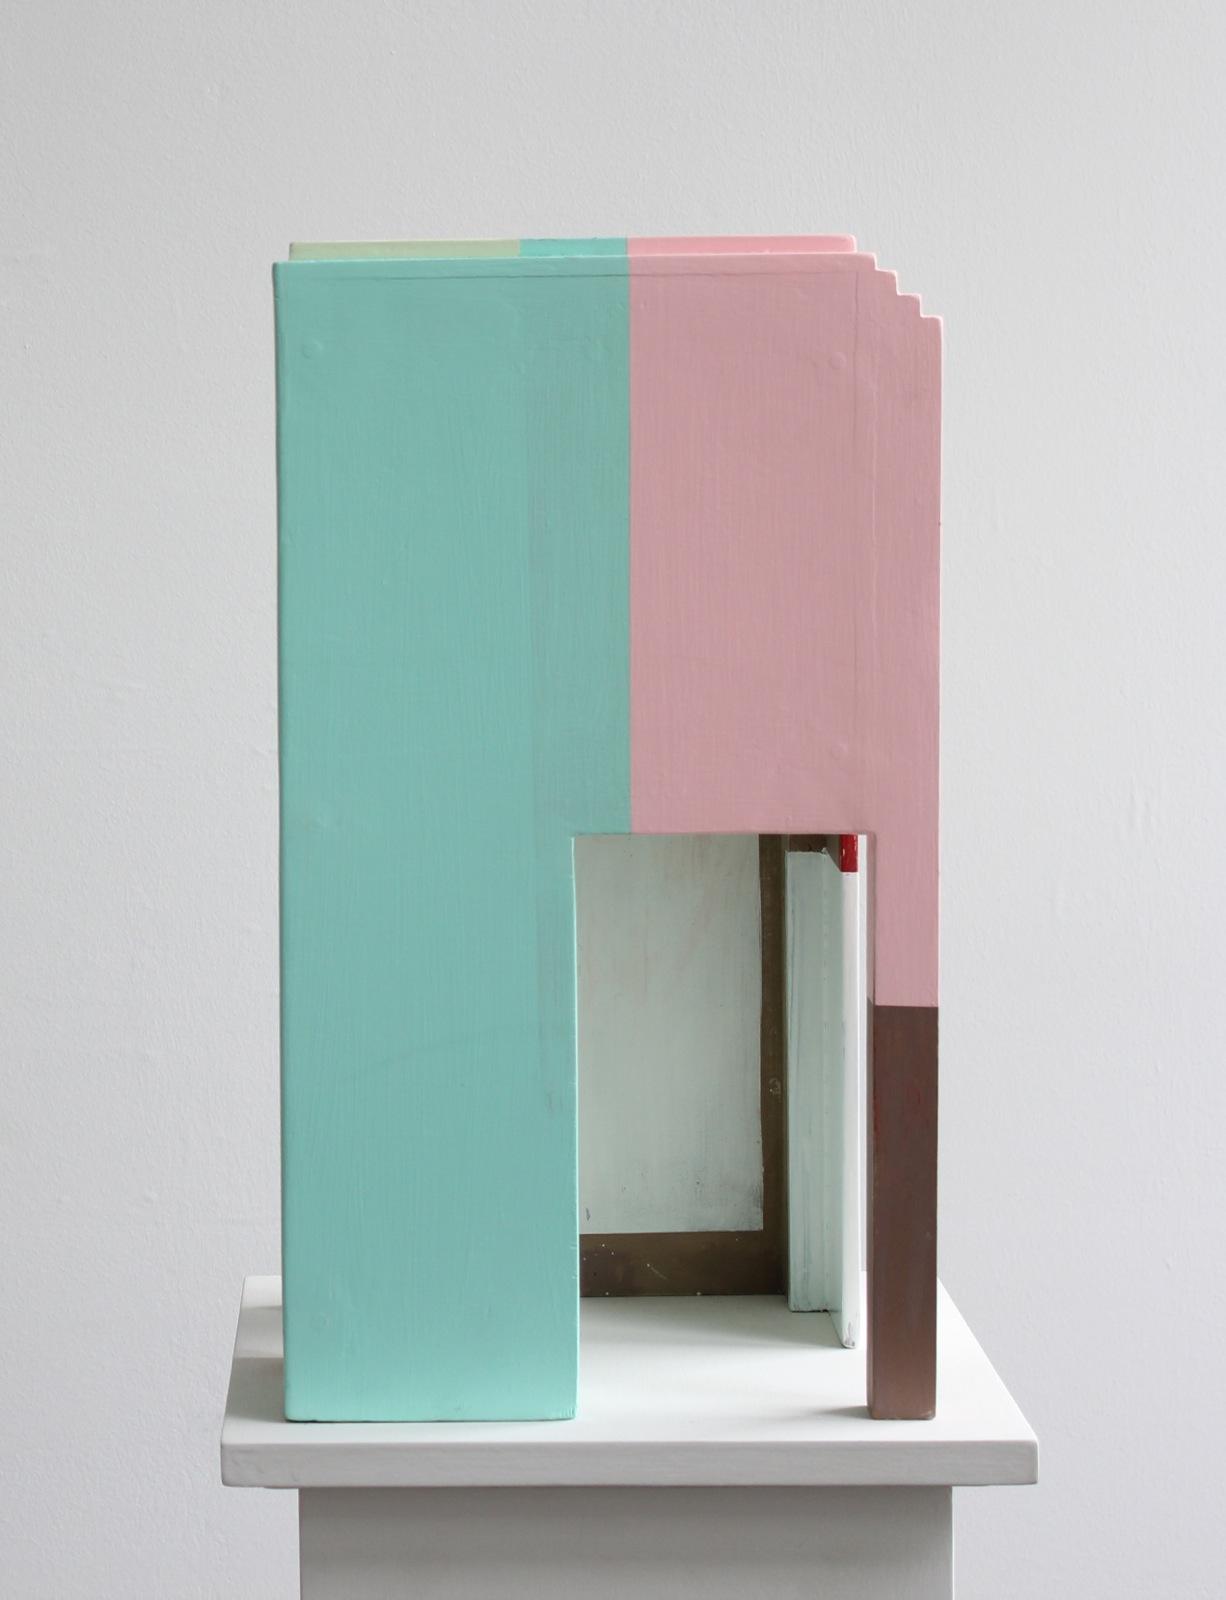 """""""Replik IVd"""", 52x28x26 cm, Acrylfarbe, Holz, 2015"""